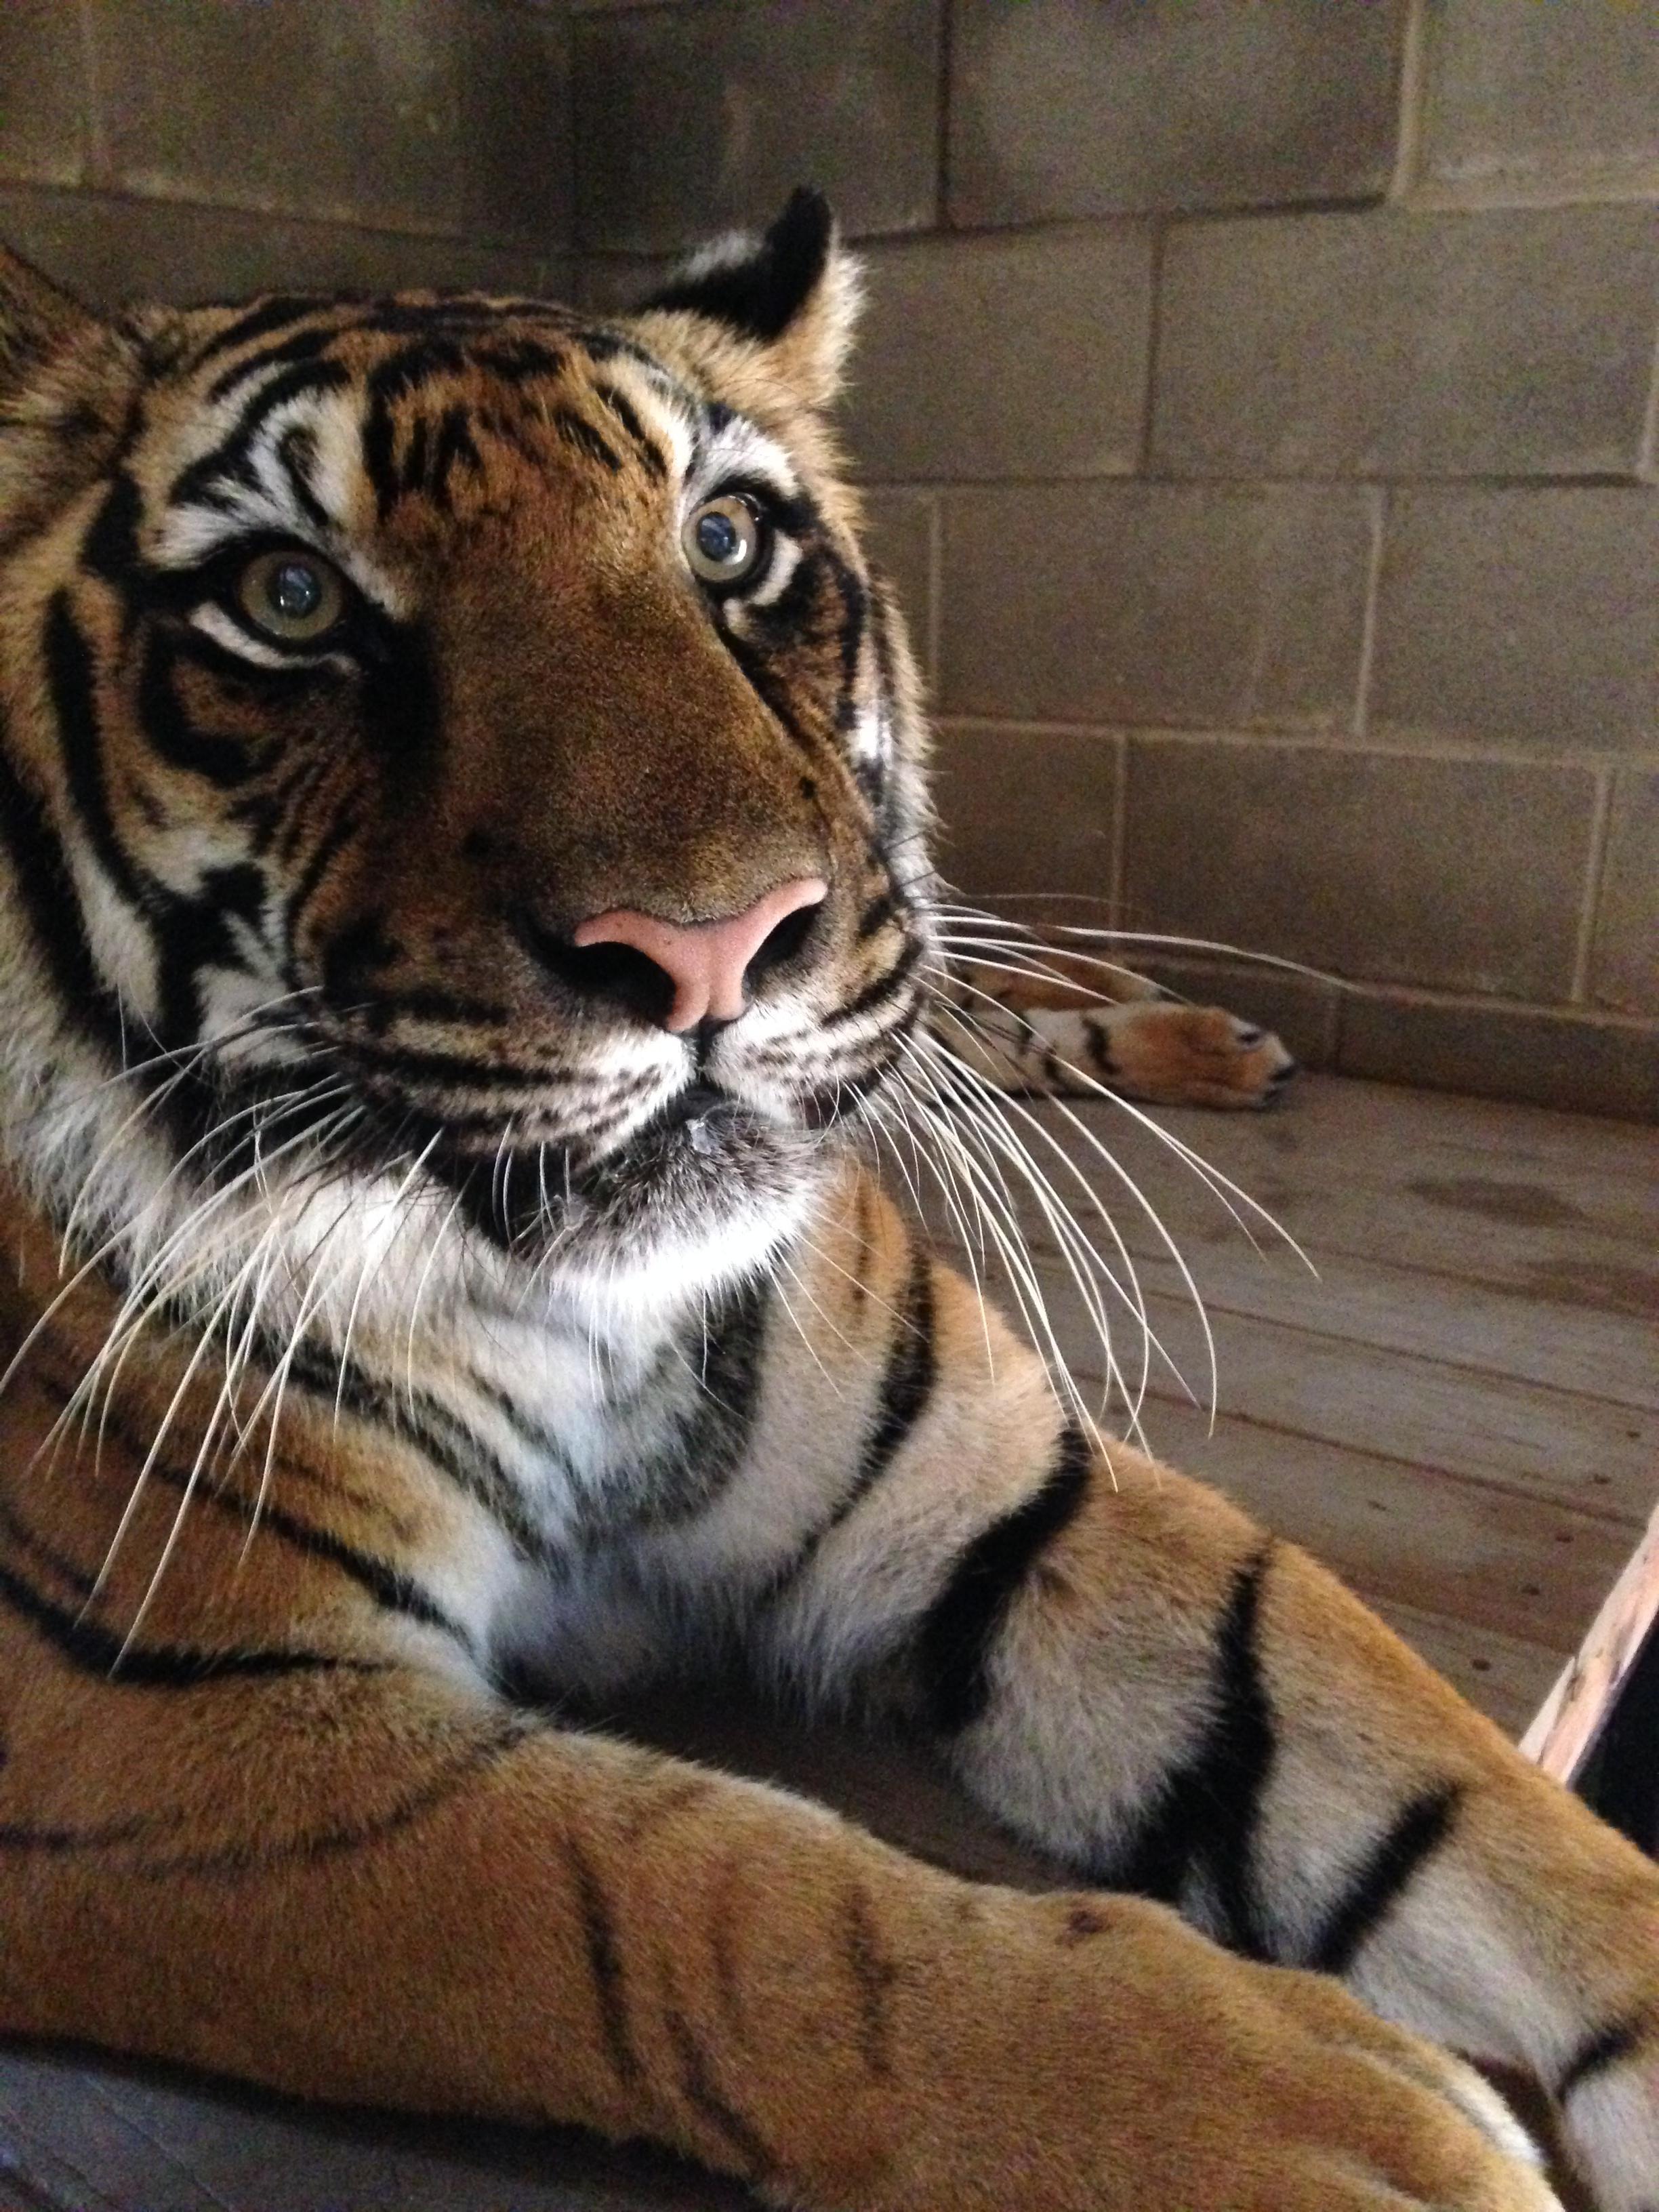 zoo animals 8